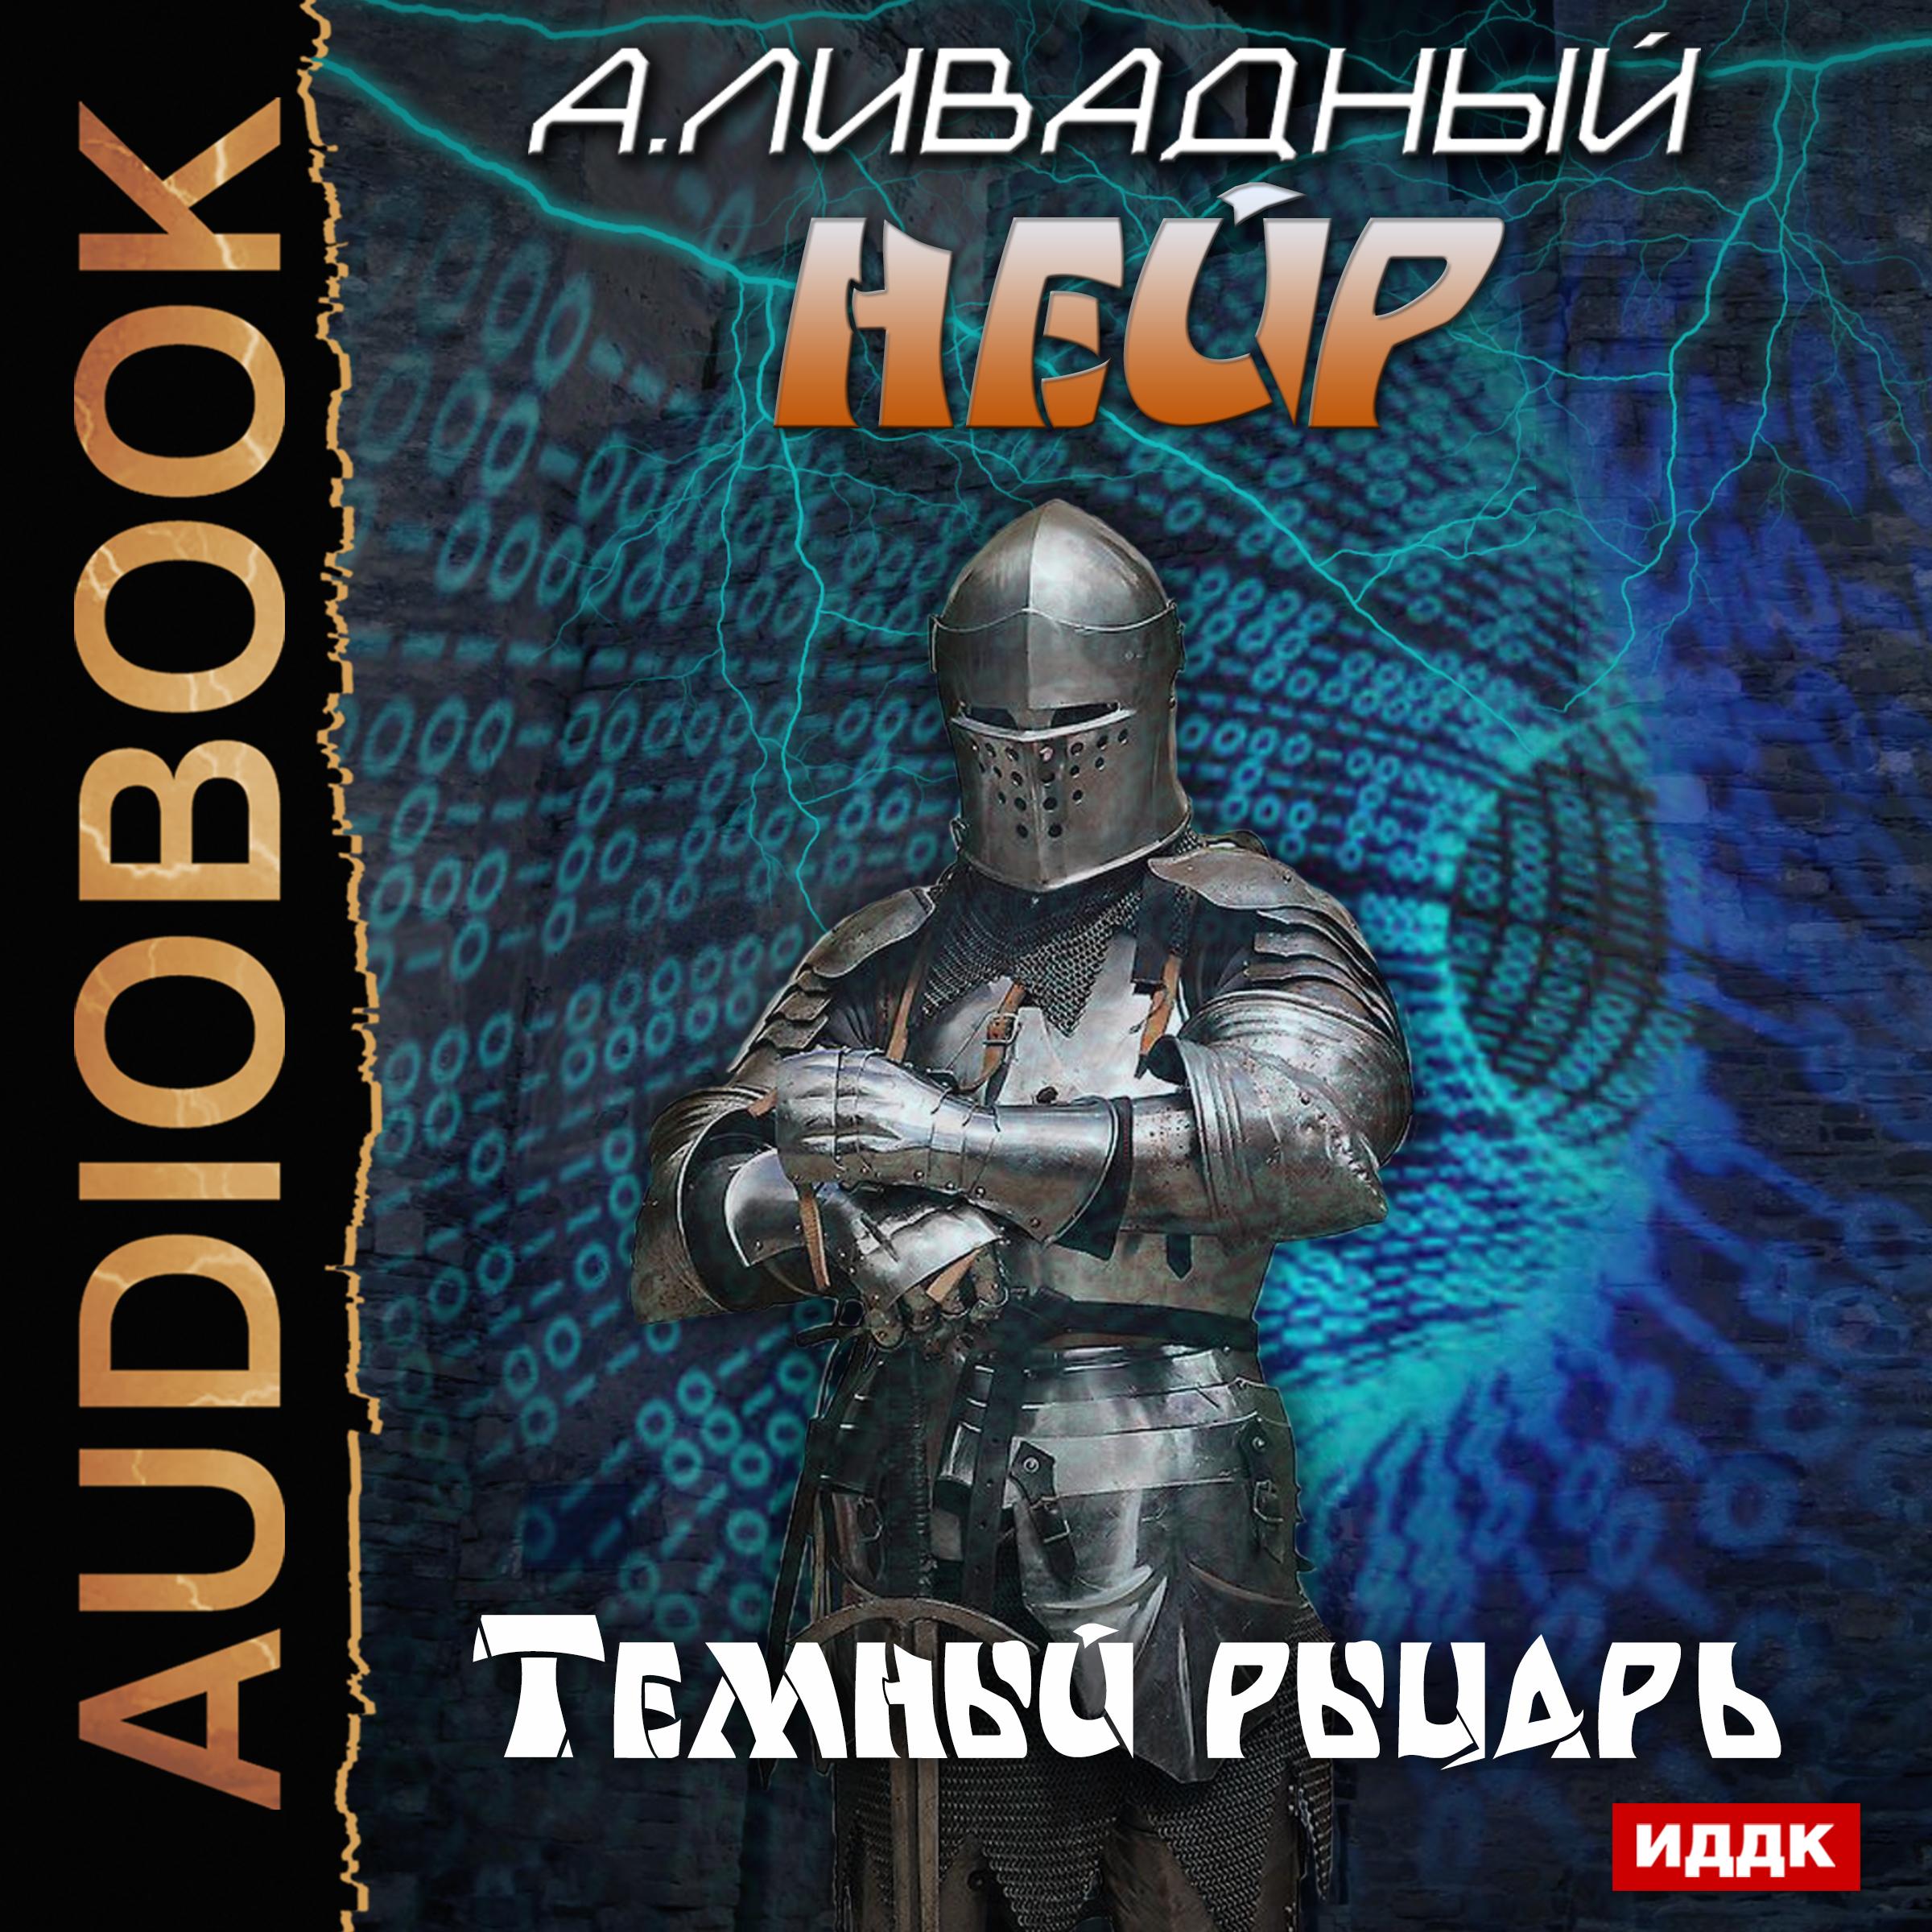 Андрей Ливадный Темный рыцарь